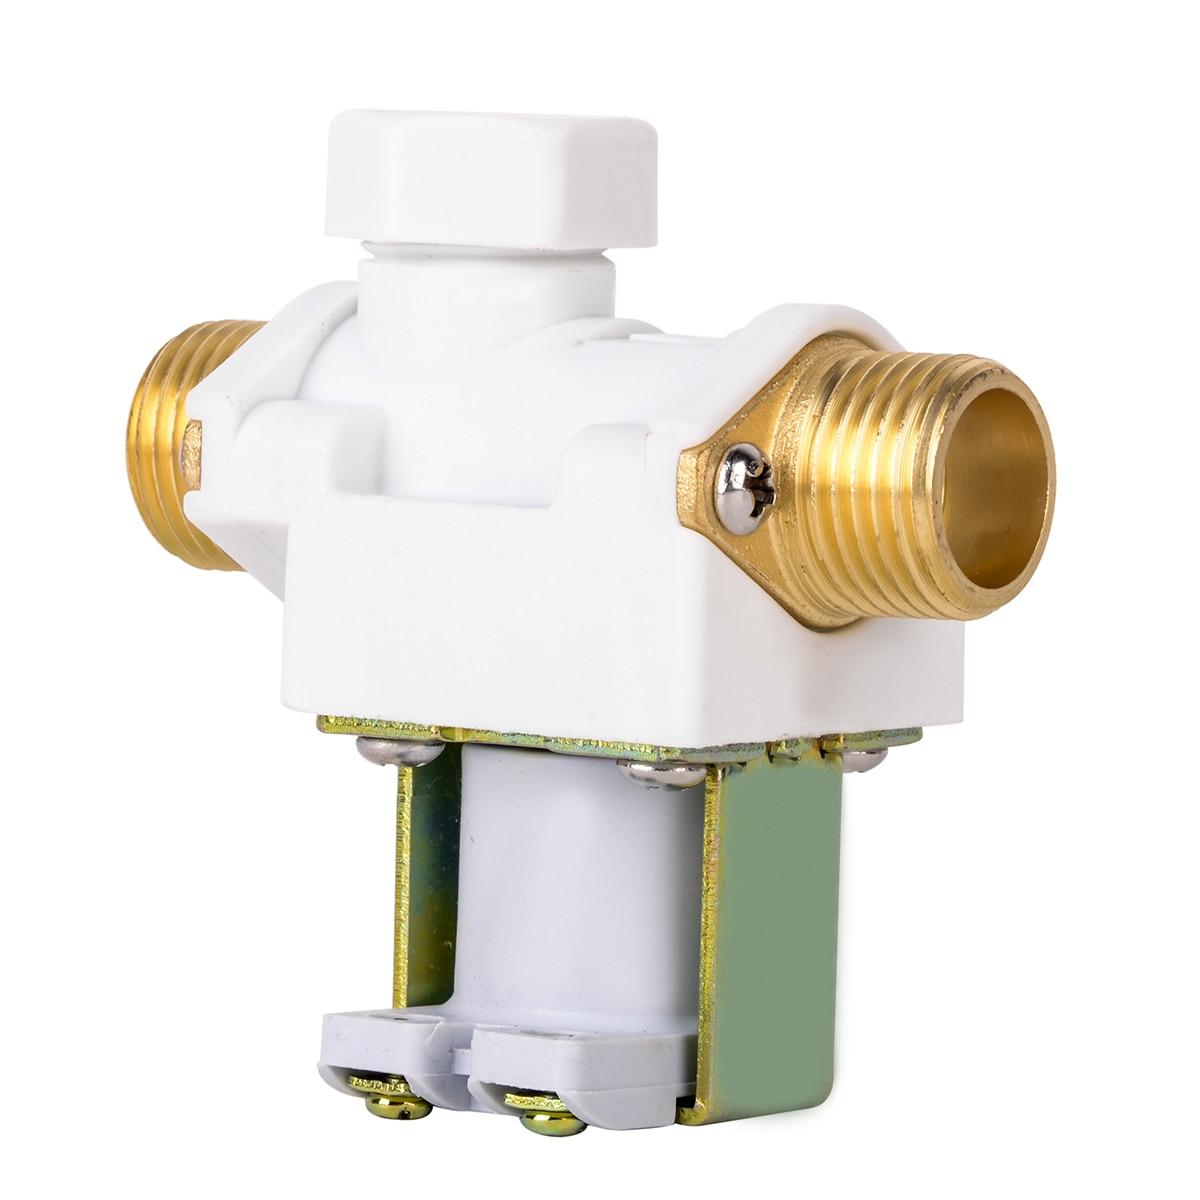 ec167b398fc 1 шт. Micro Электрический электромагнитный Клапан AC 220 В практические  воды Воздух N C нормально закрытый мембранный Клапан для 1 2